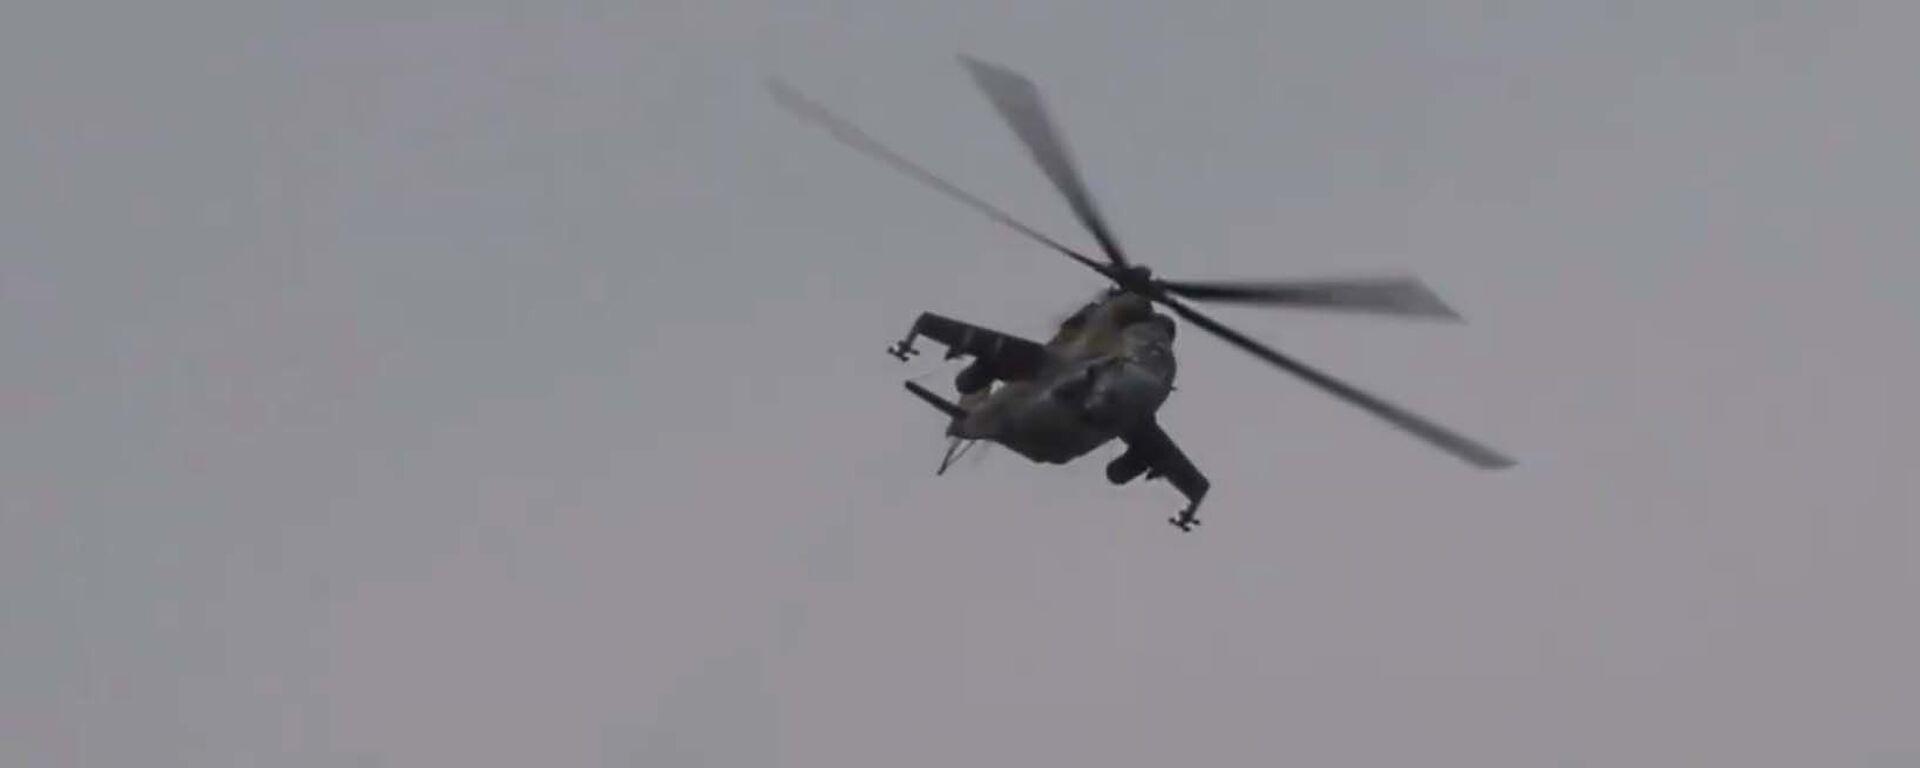 Первые в 2021-м: учения вертолетчиков российской базы в Таджикистане - YouTube - Sputnik Тоҷикистон, 1920, 15.01.2021